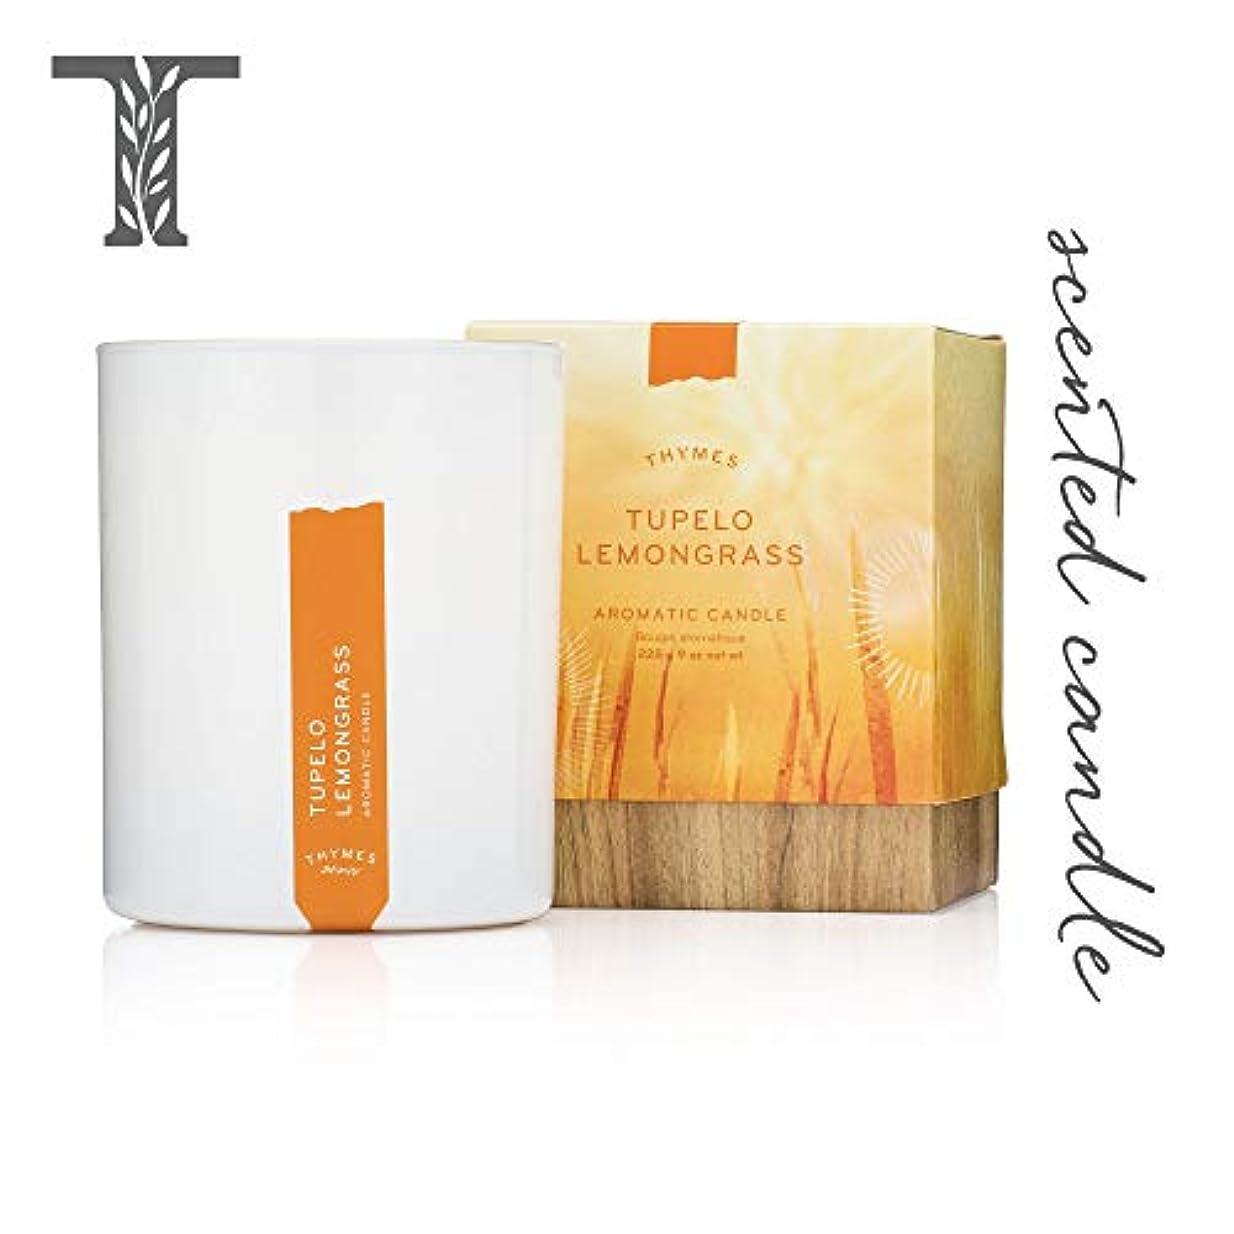 ポスタースキャン合法ThymesテューペロレモングラスAromatic Candle